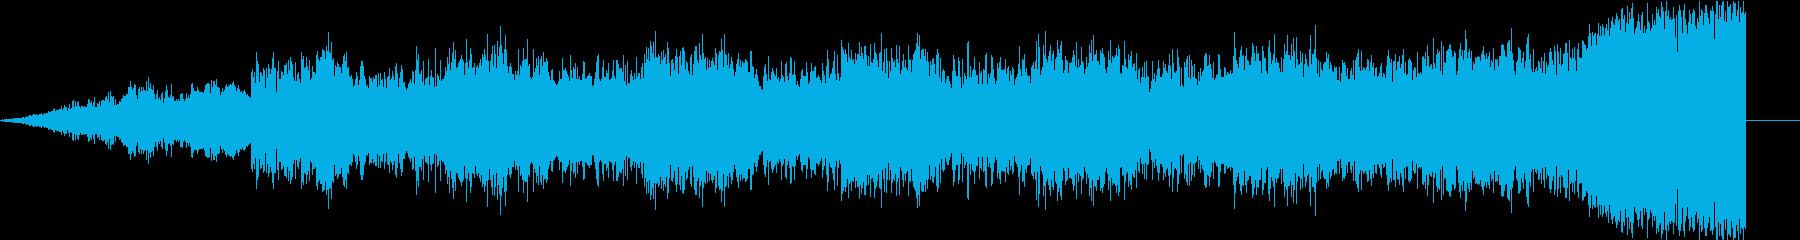 嬉声の再生済みの波形